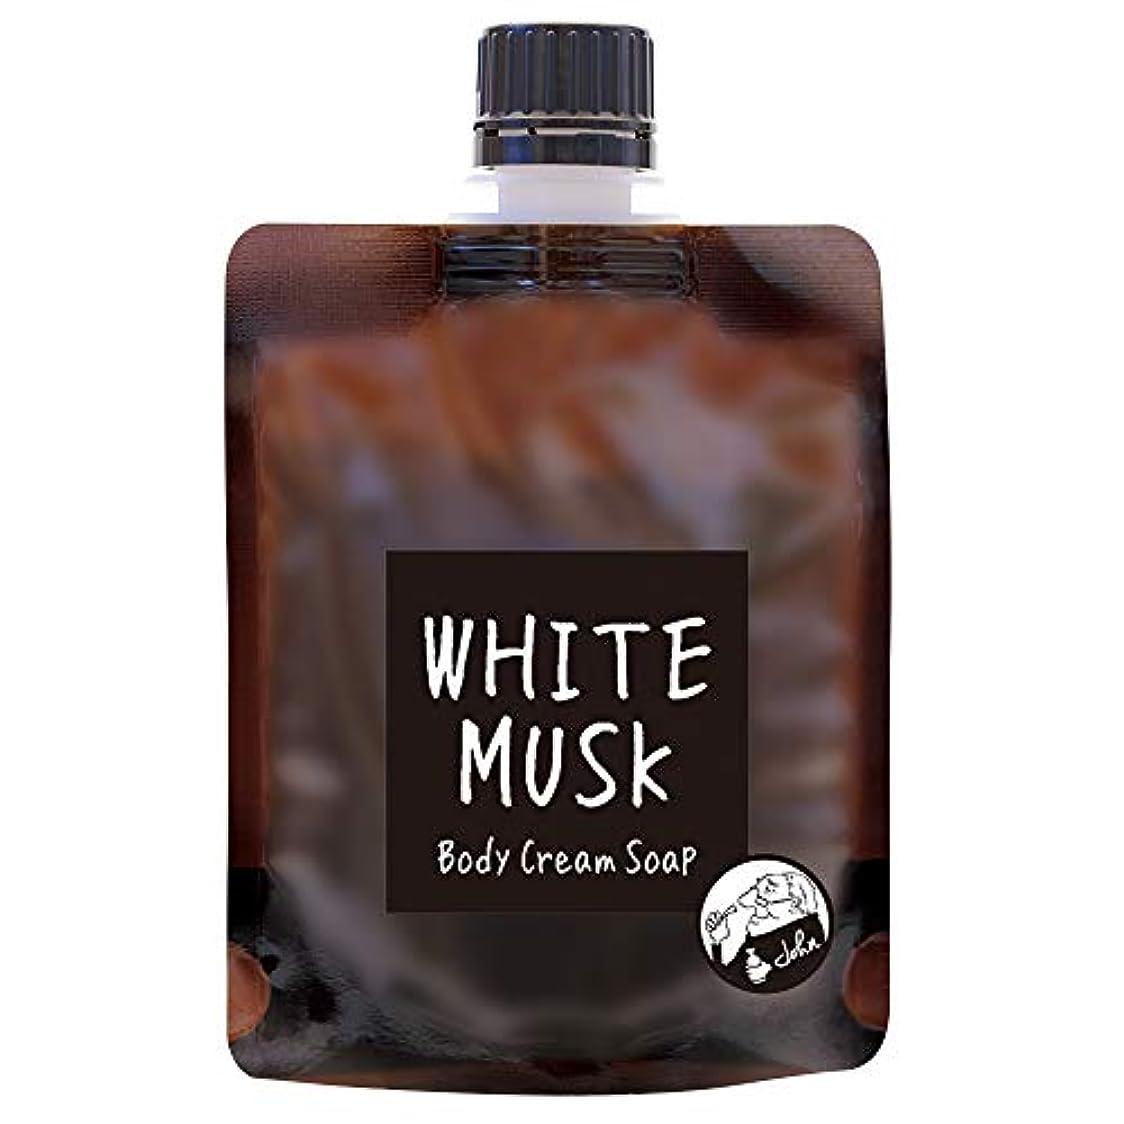 お勧め激しいお肉ノルコーポレーション John's Blend ボディクリームソープ 保湿成分配合 OA-JON-19-1 ボディソープ ホワイトムスクの香り 100g